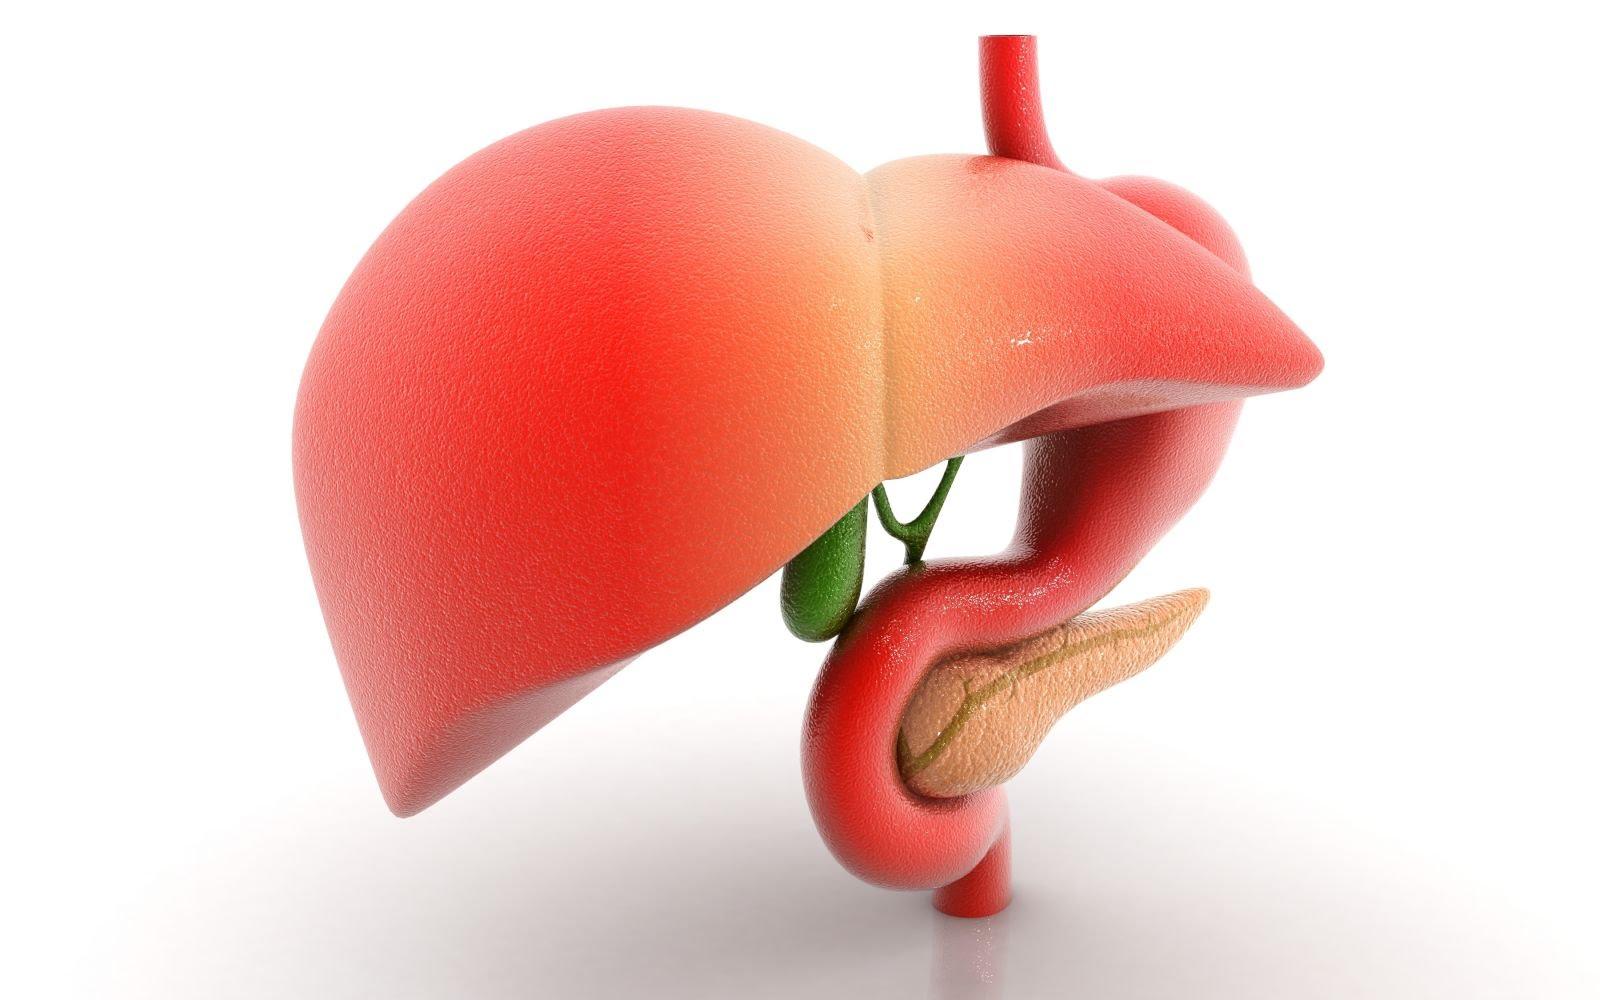 Желчекаменная болезнь: симптомы, лечение, диета